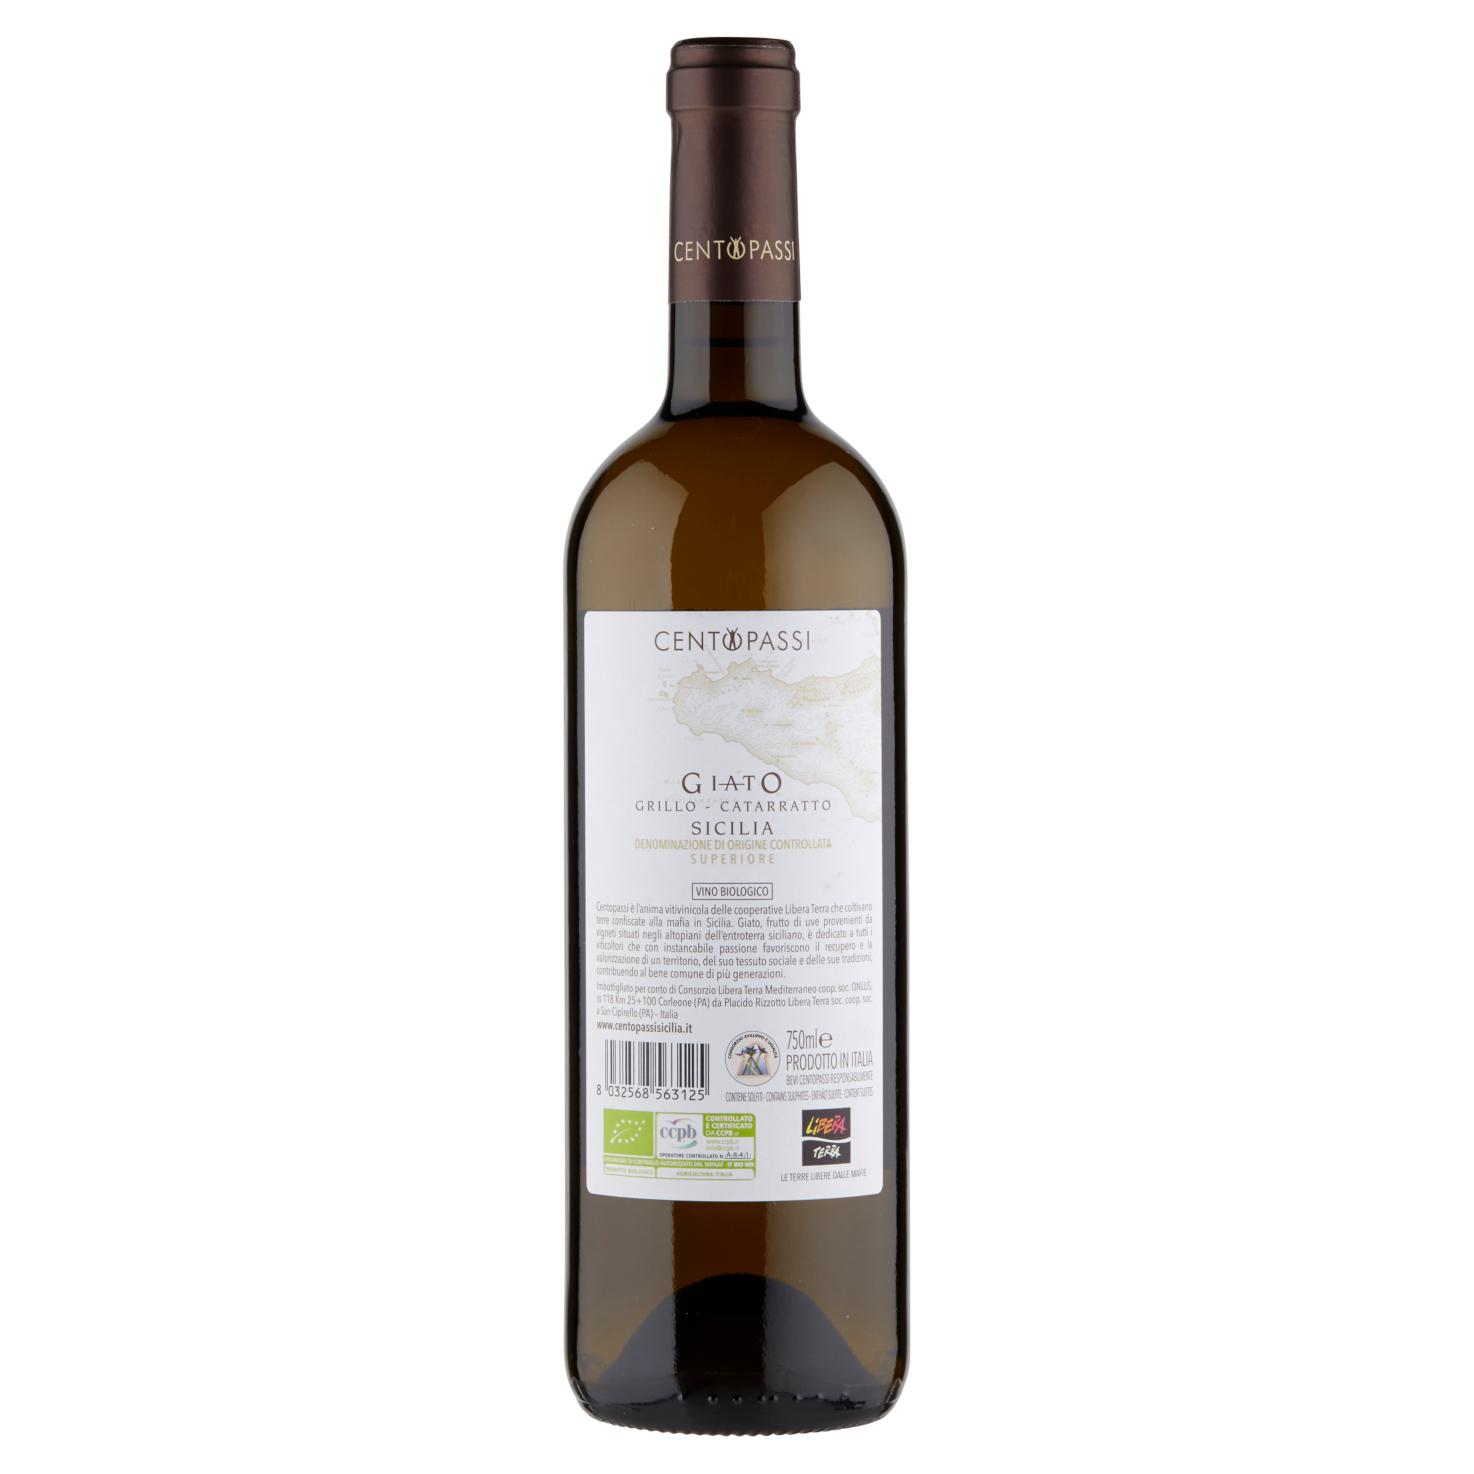 Giato Grillo-Catarratto – Sicilia DOC Superiore 2018 75cl